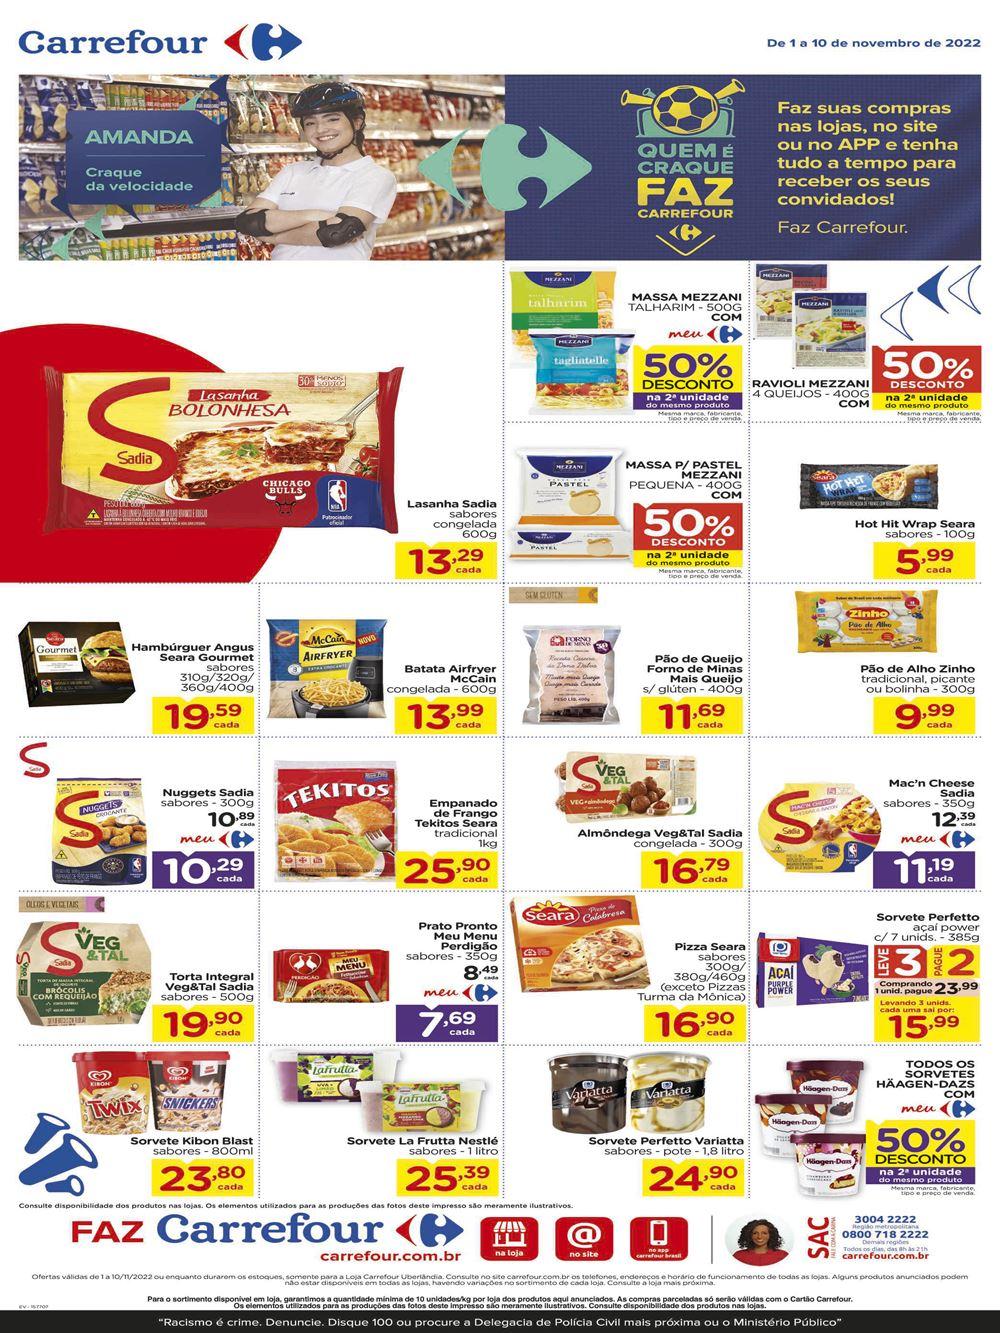 carrefour-ofertas-descontos-hoje7-20 Black Friday Ofertas do Carrefour